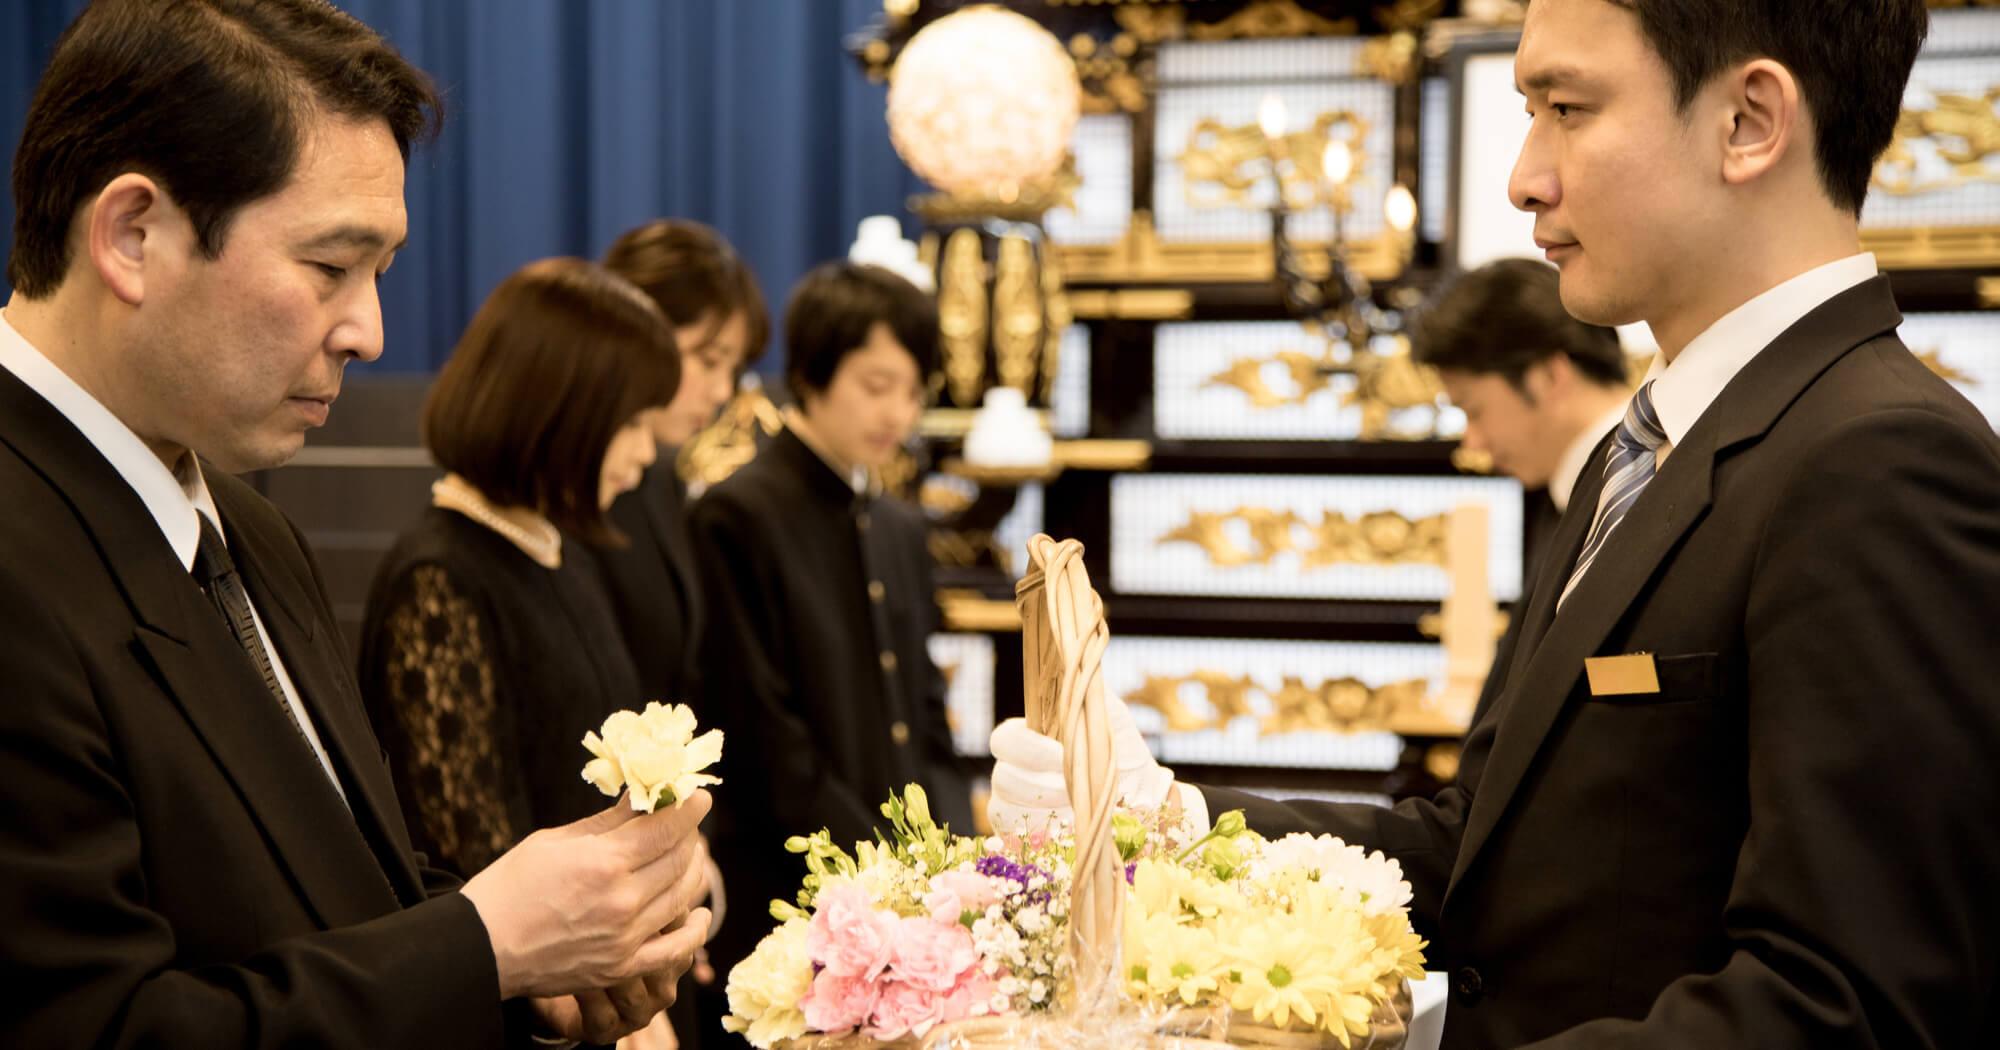 葬儀・告別式のイメージ